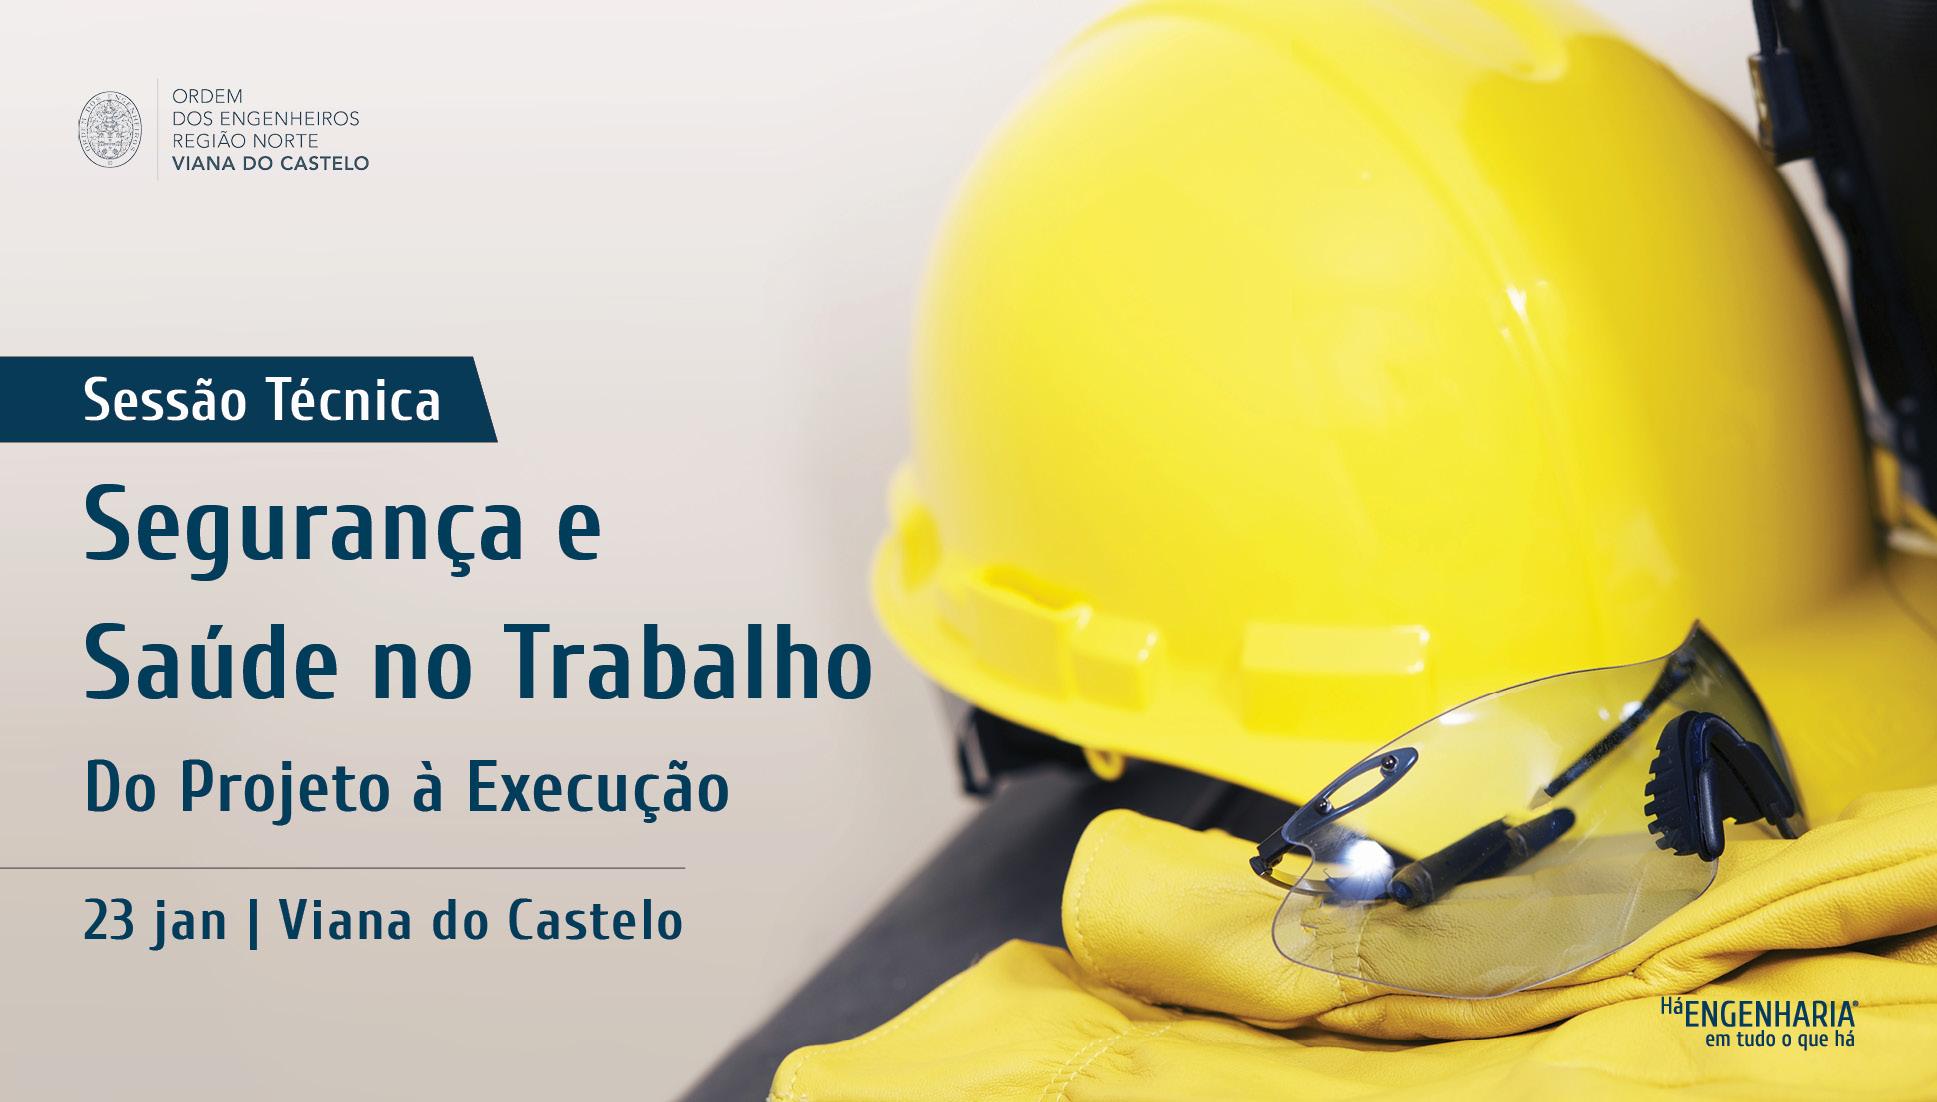 Plataforma Notícias Ordem Engenheiros Região Norte - Há sessão técnica na Delegação de Viana do Castelo